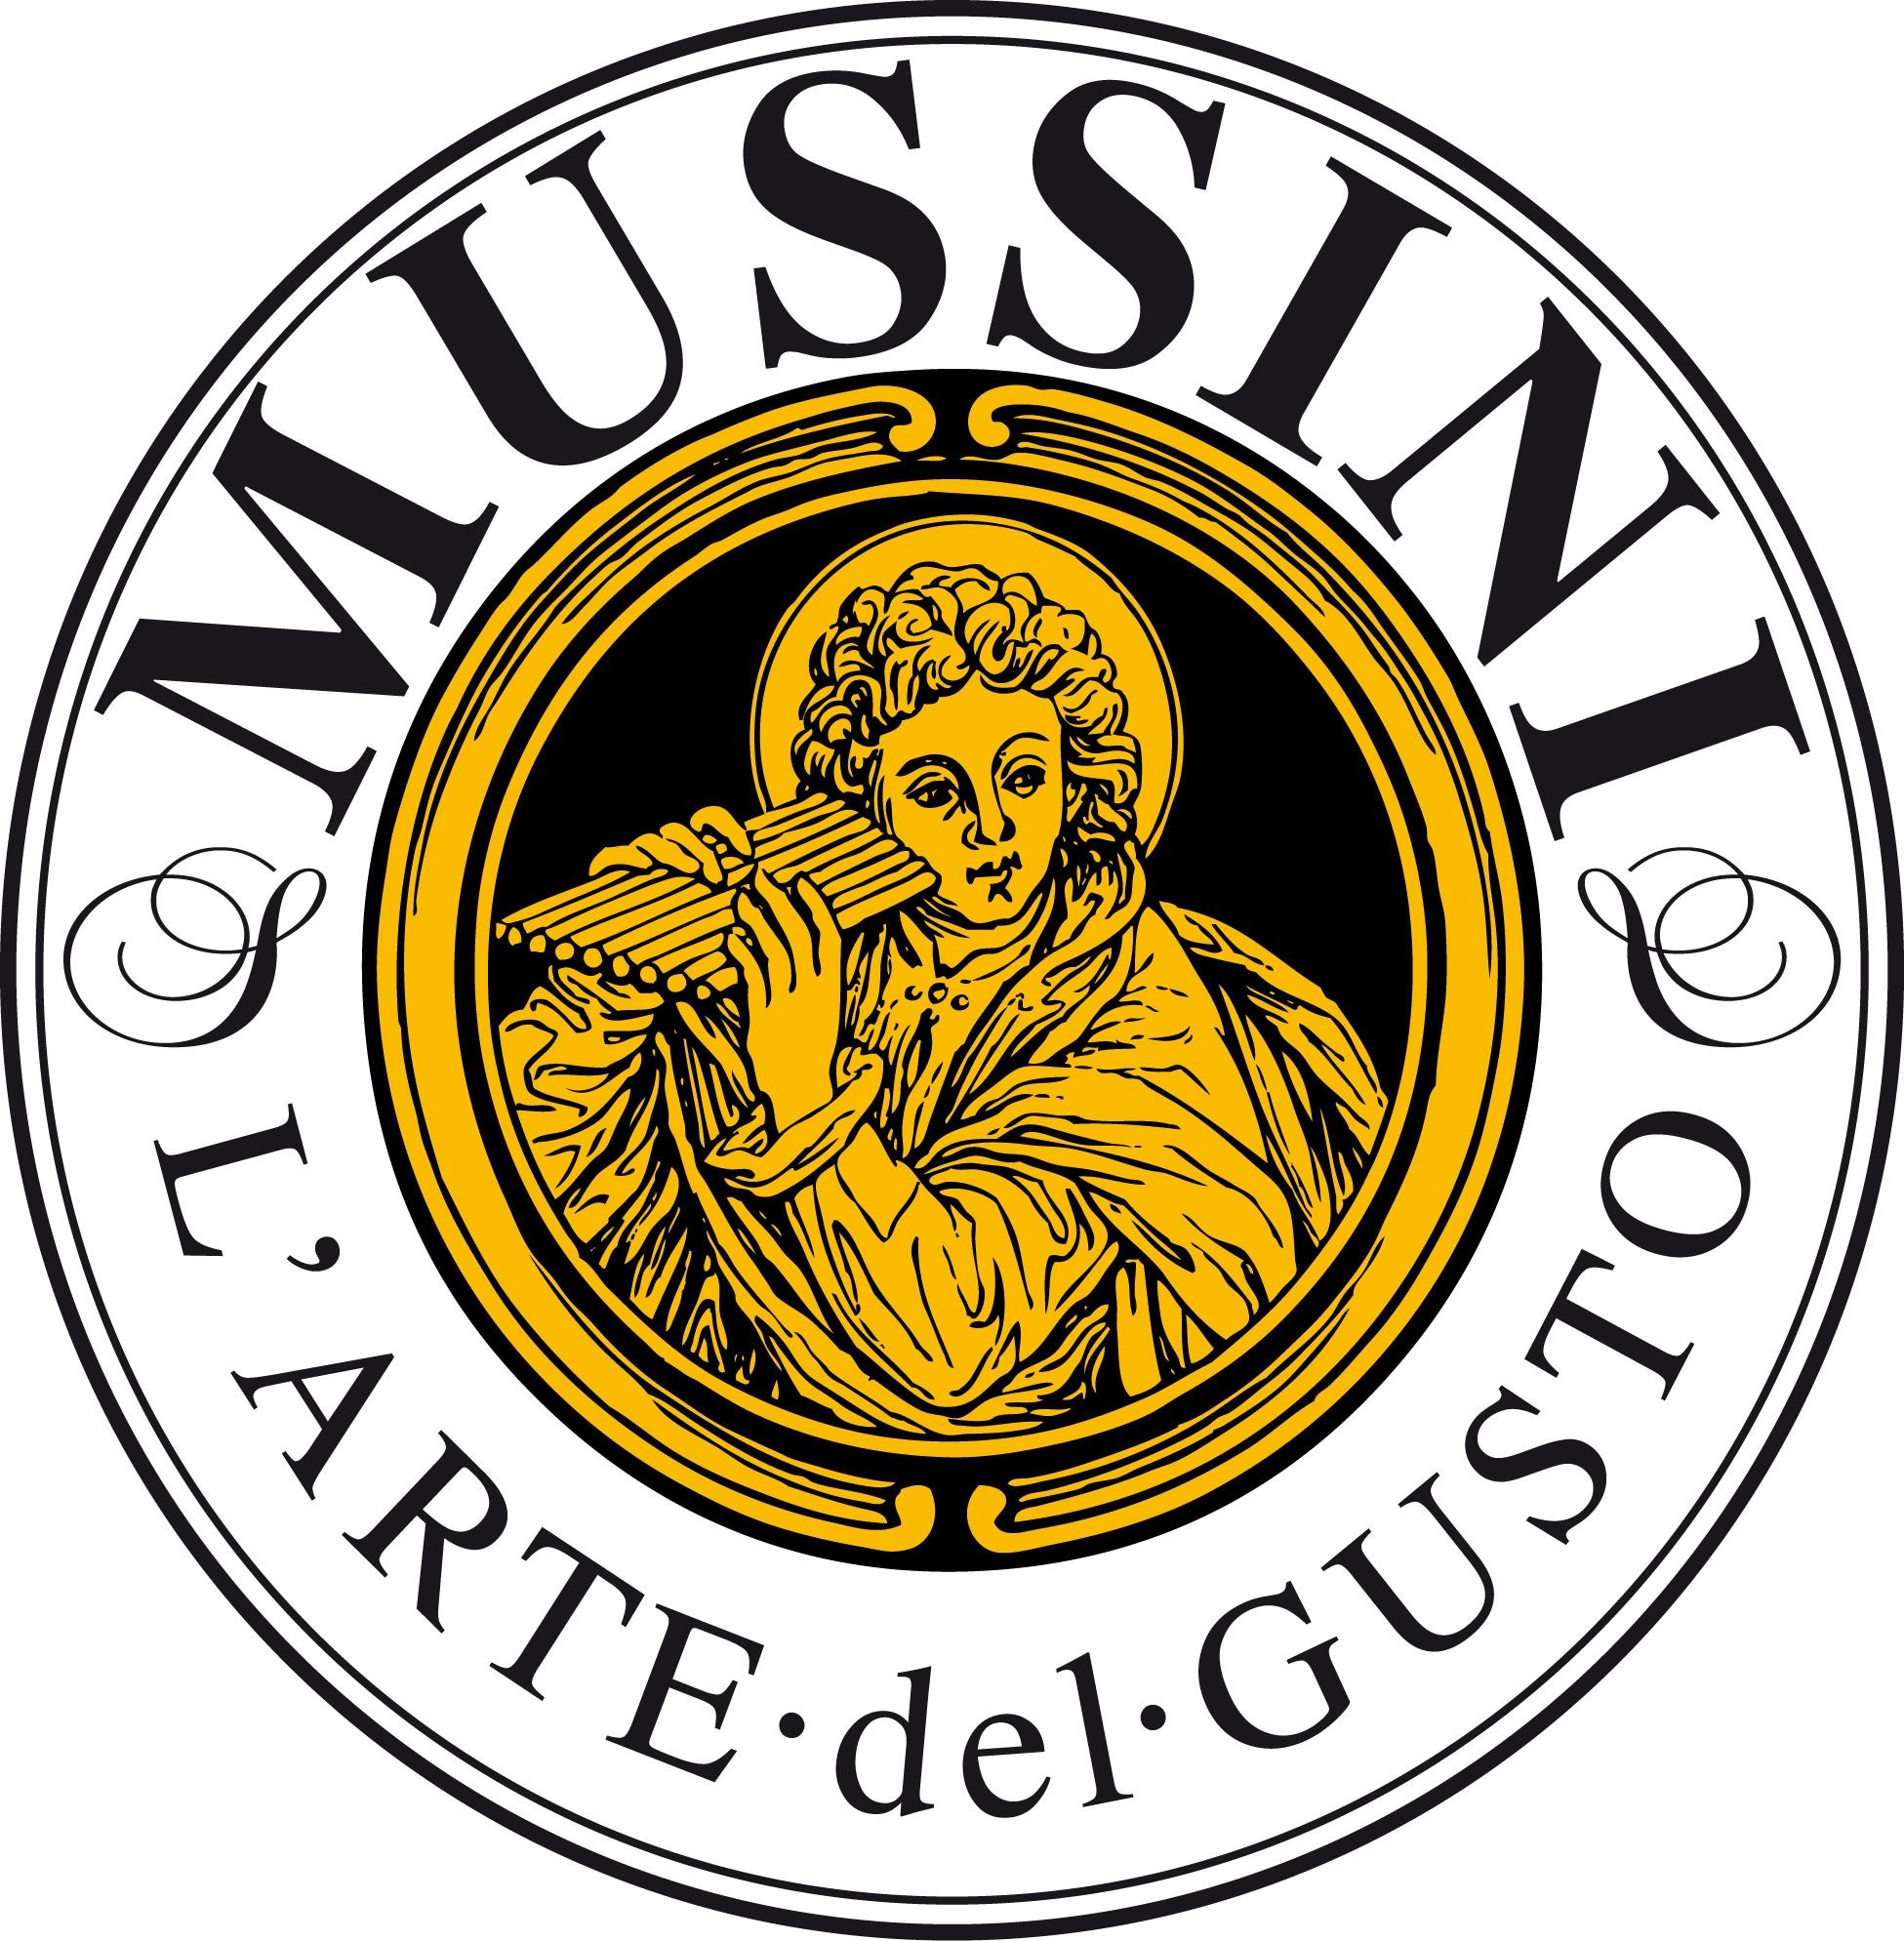 Mussini/ムッジーニ